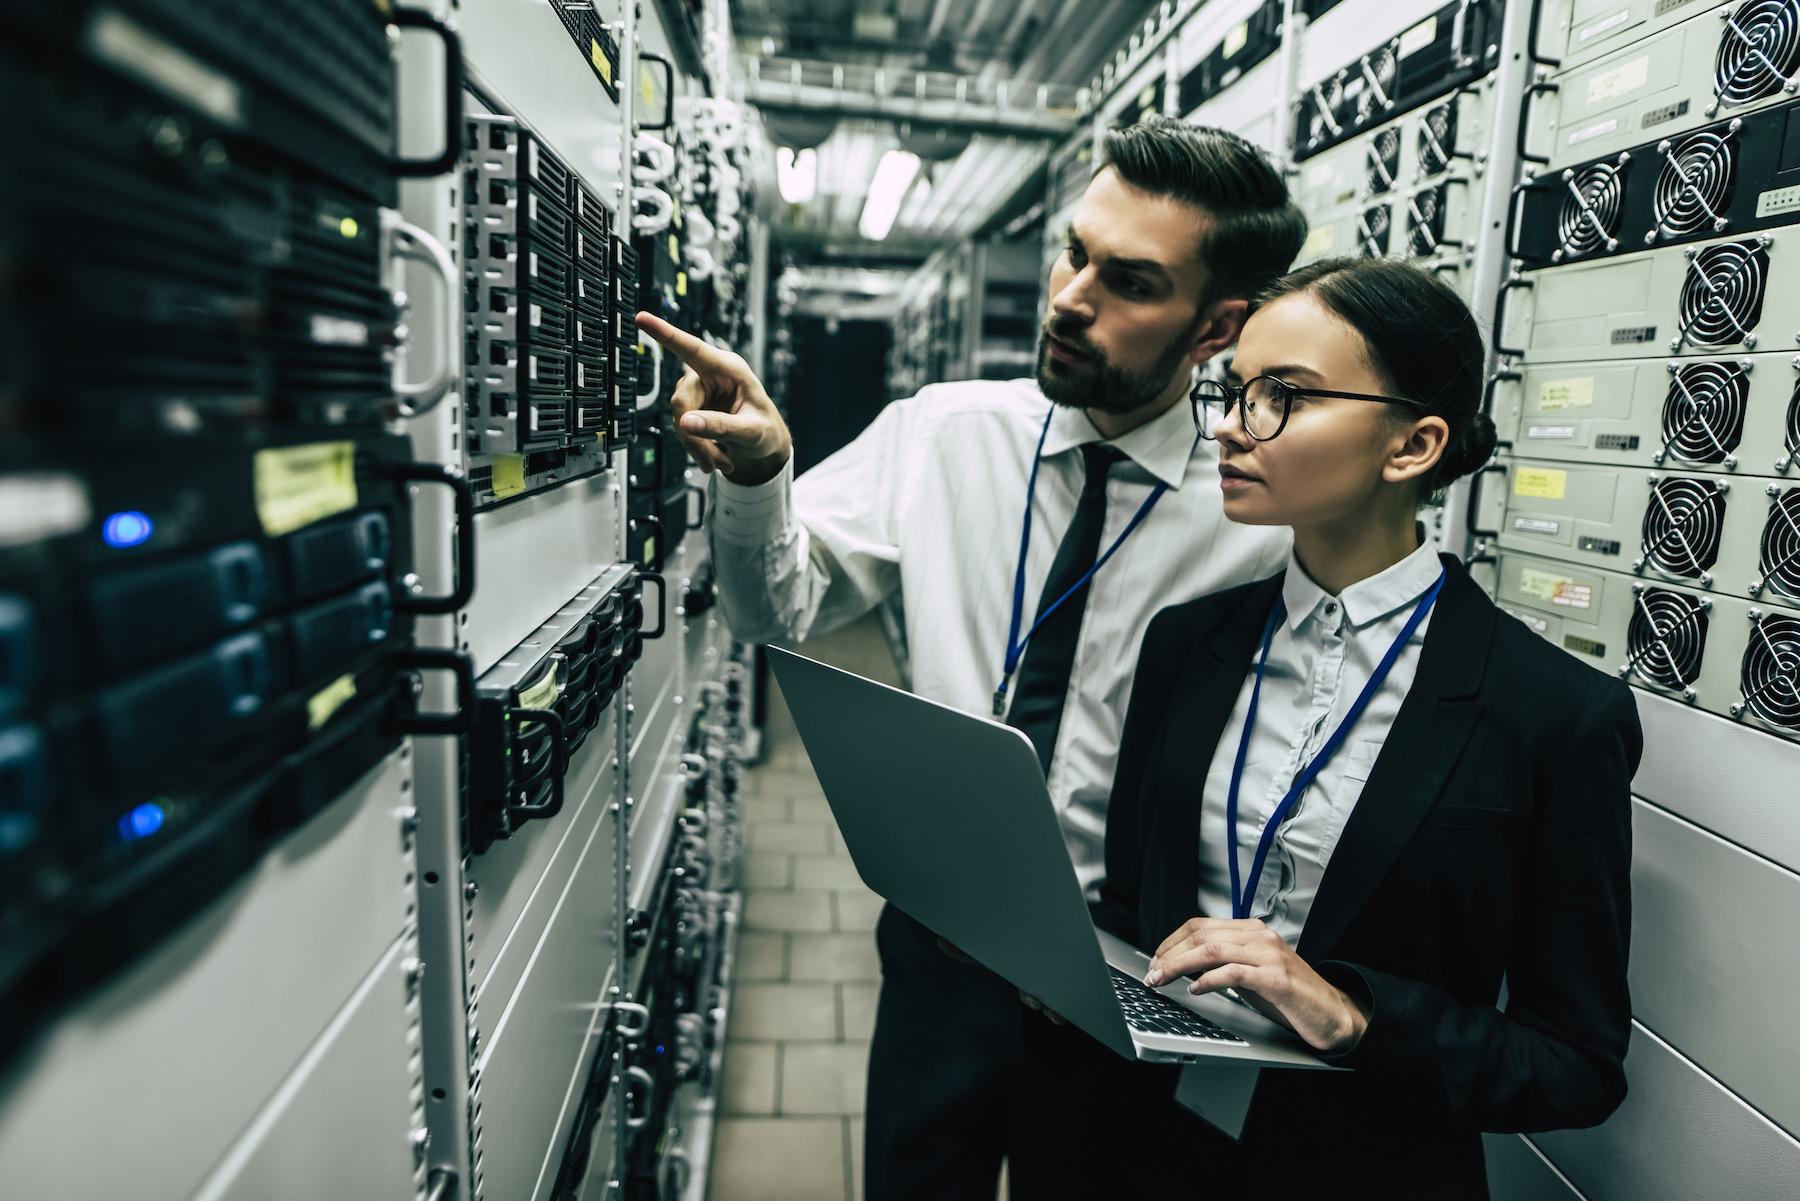 Профессия: системный администратор / блог компании ruvds.com / хабр